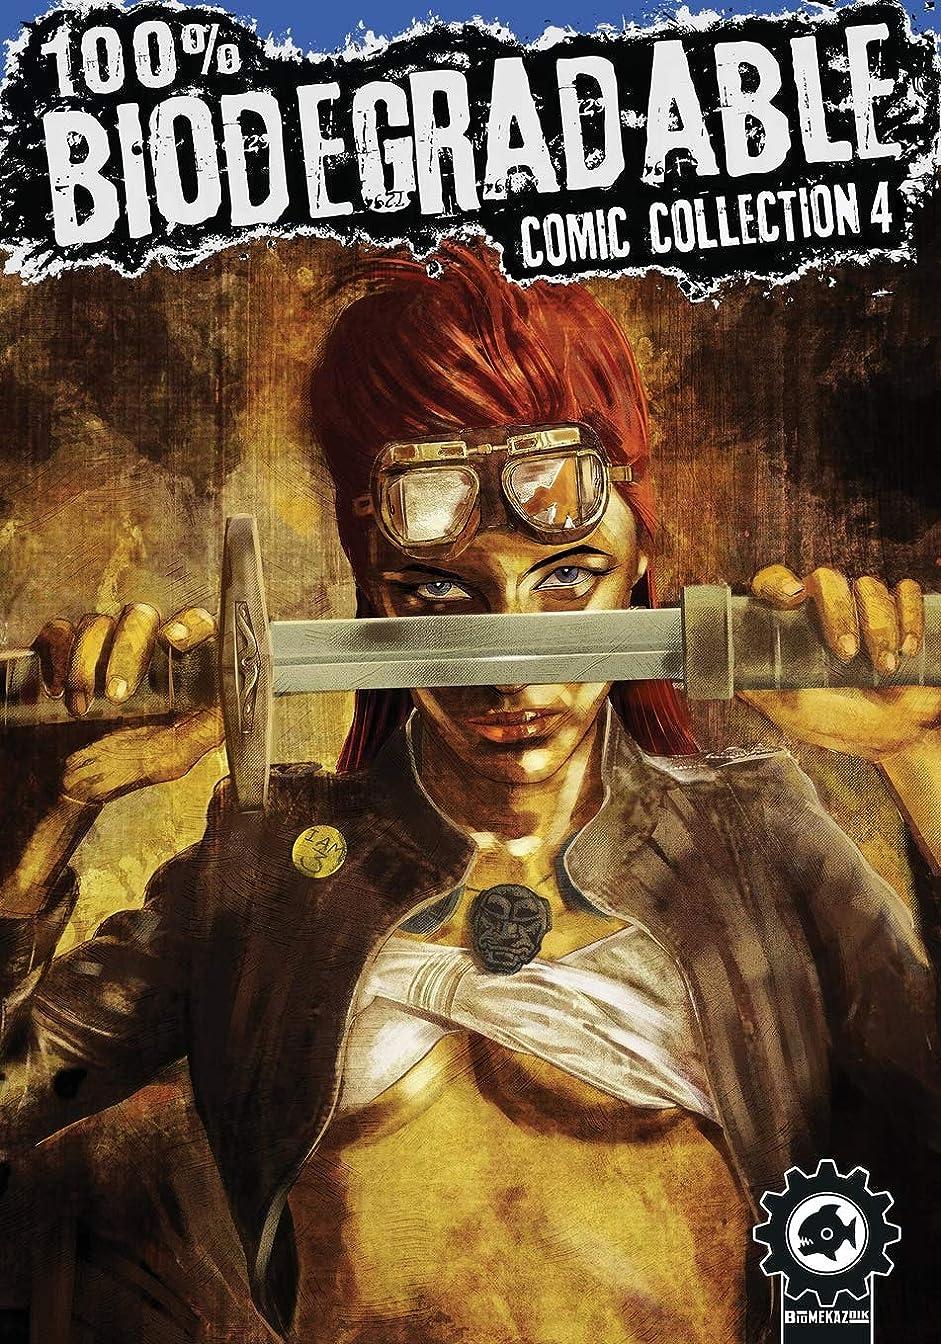 損なう放つ再生的100% Biodegradable Comic Collection 4